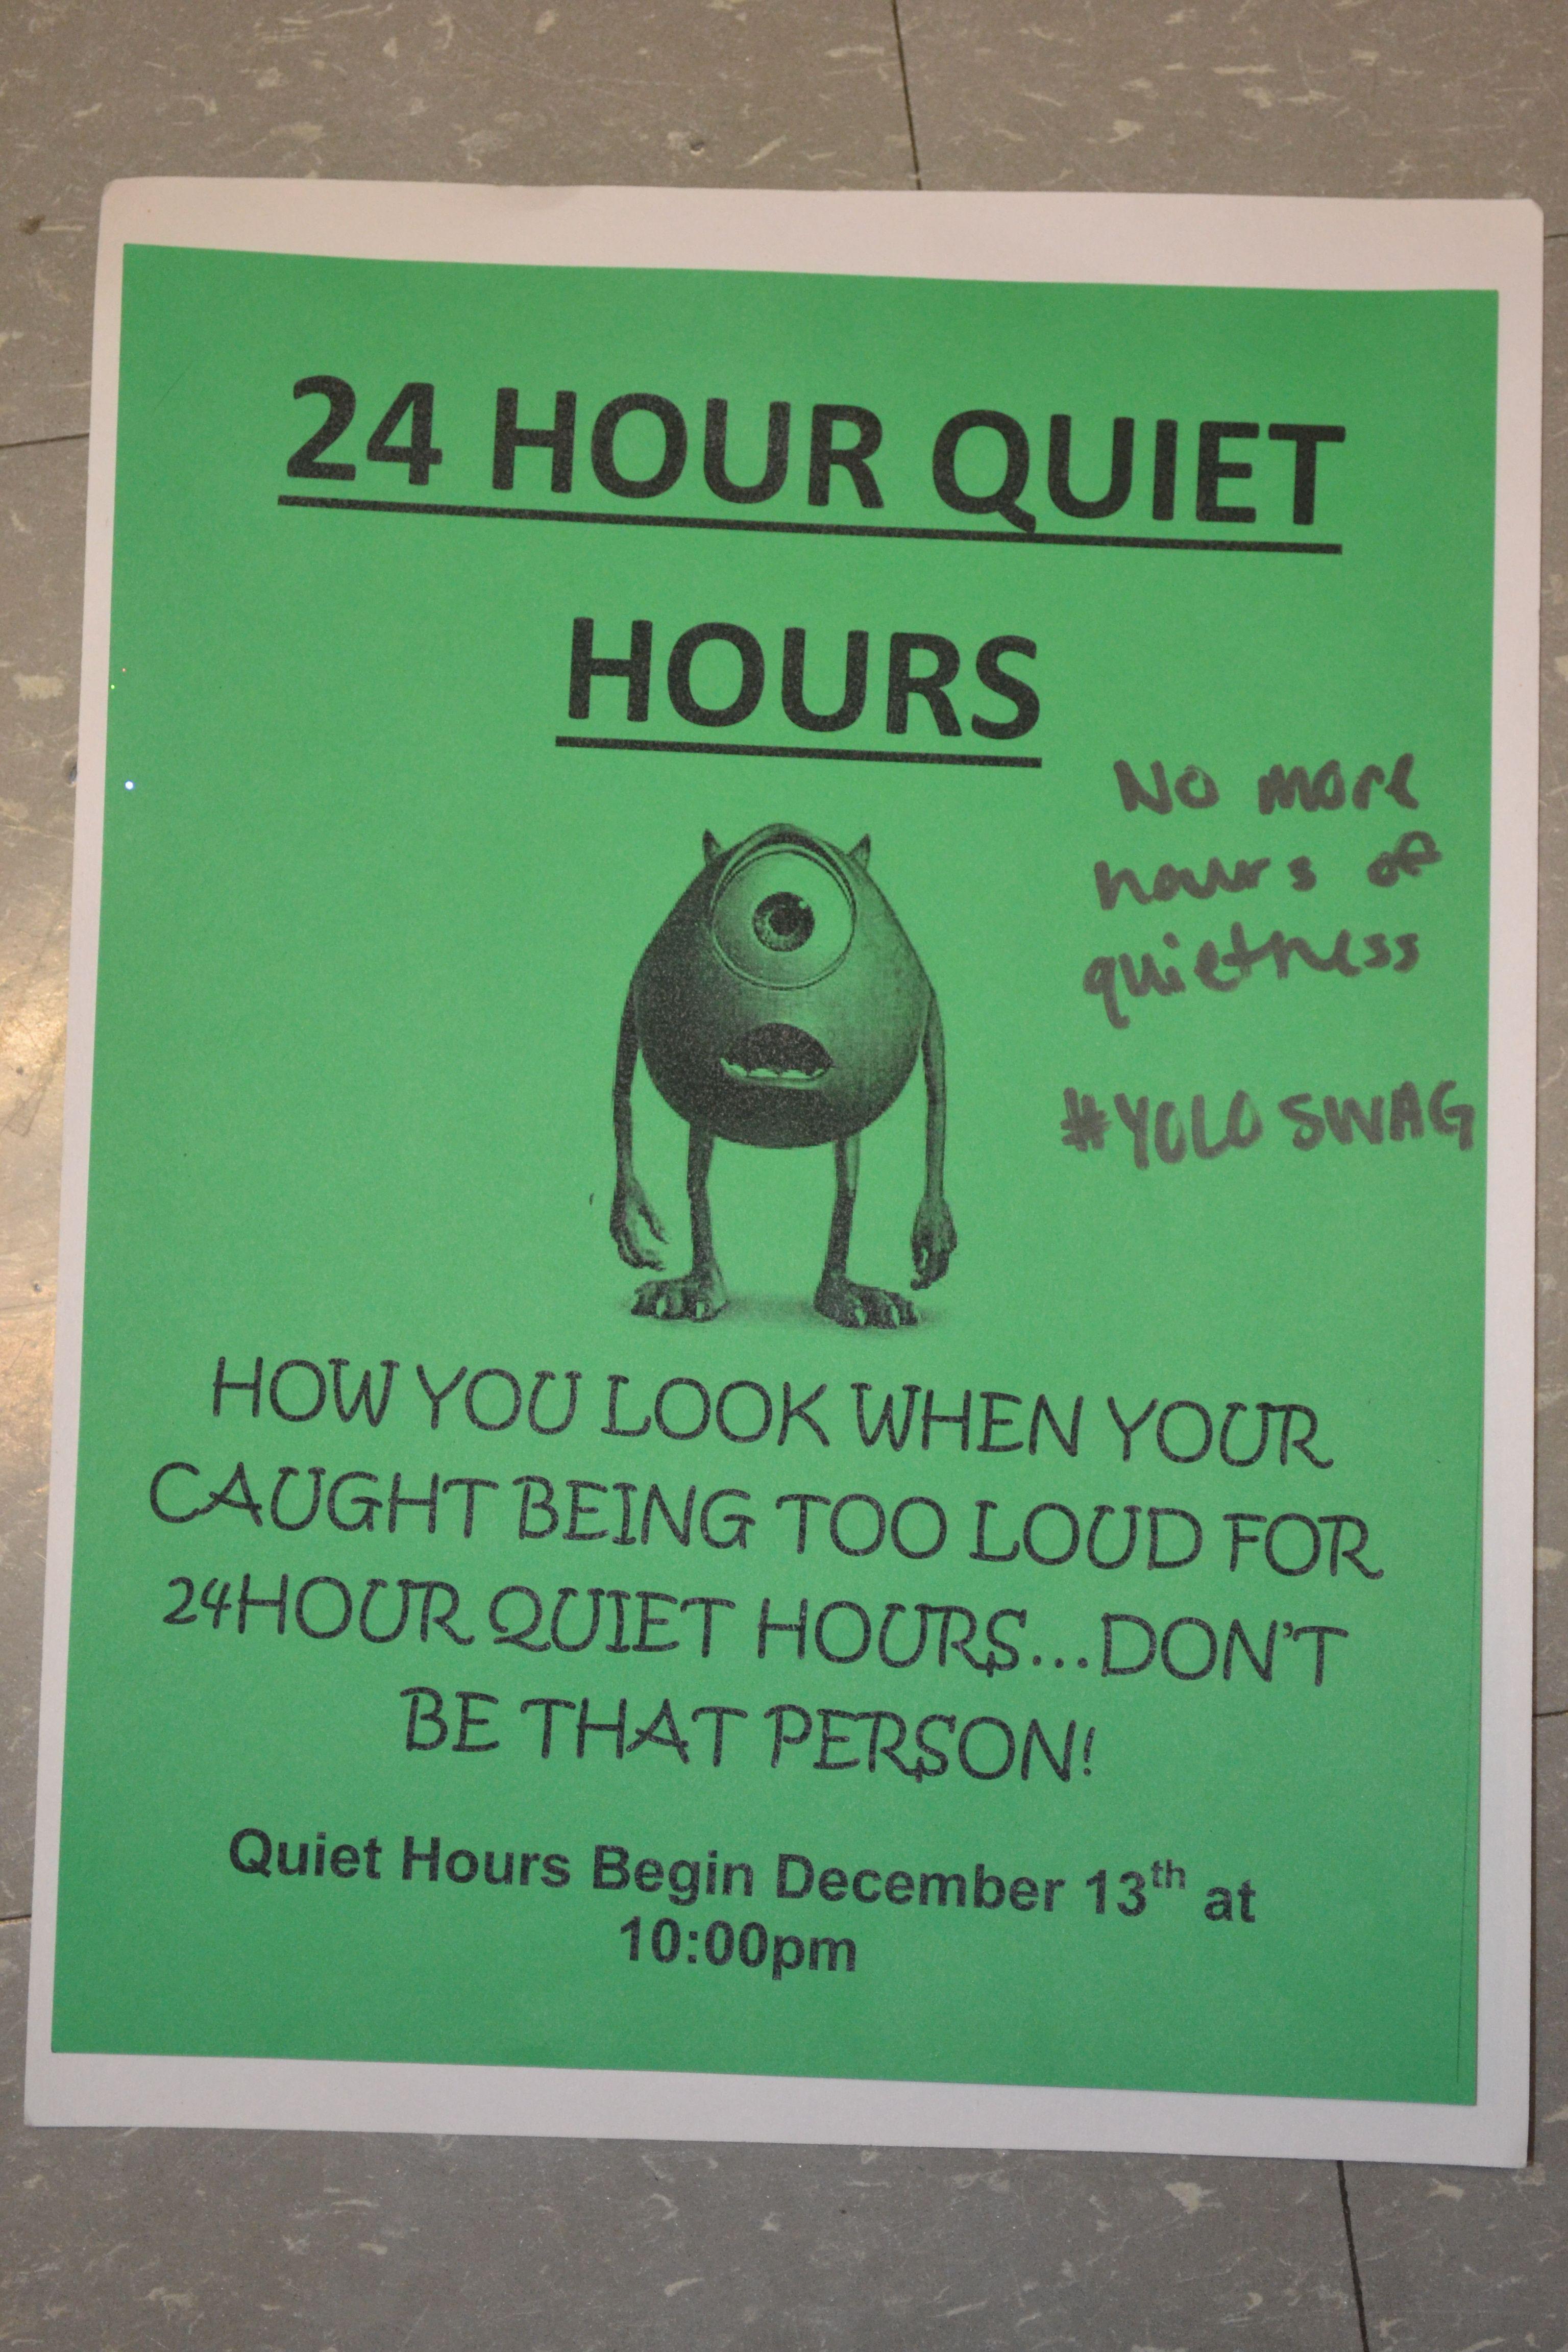 24 Hour Quiet Hours 24 Hour Quiet